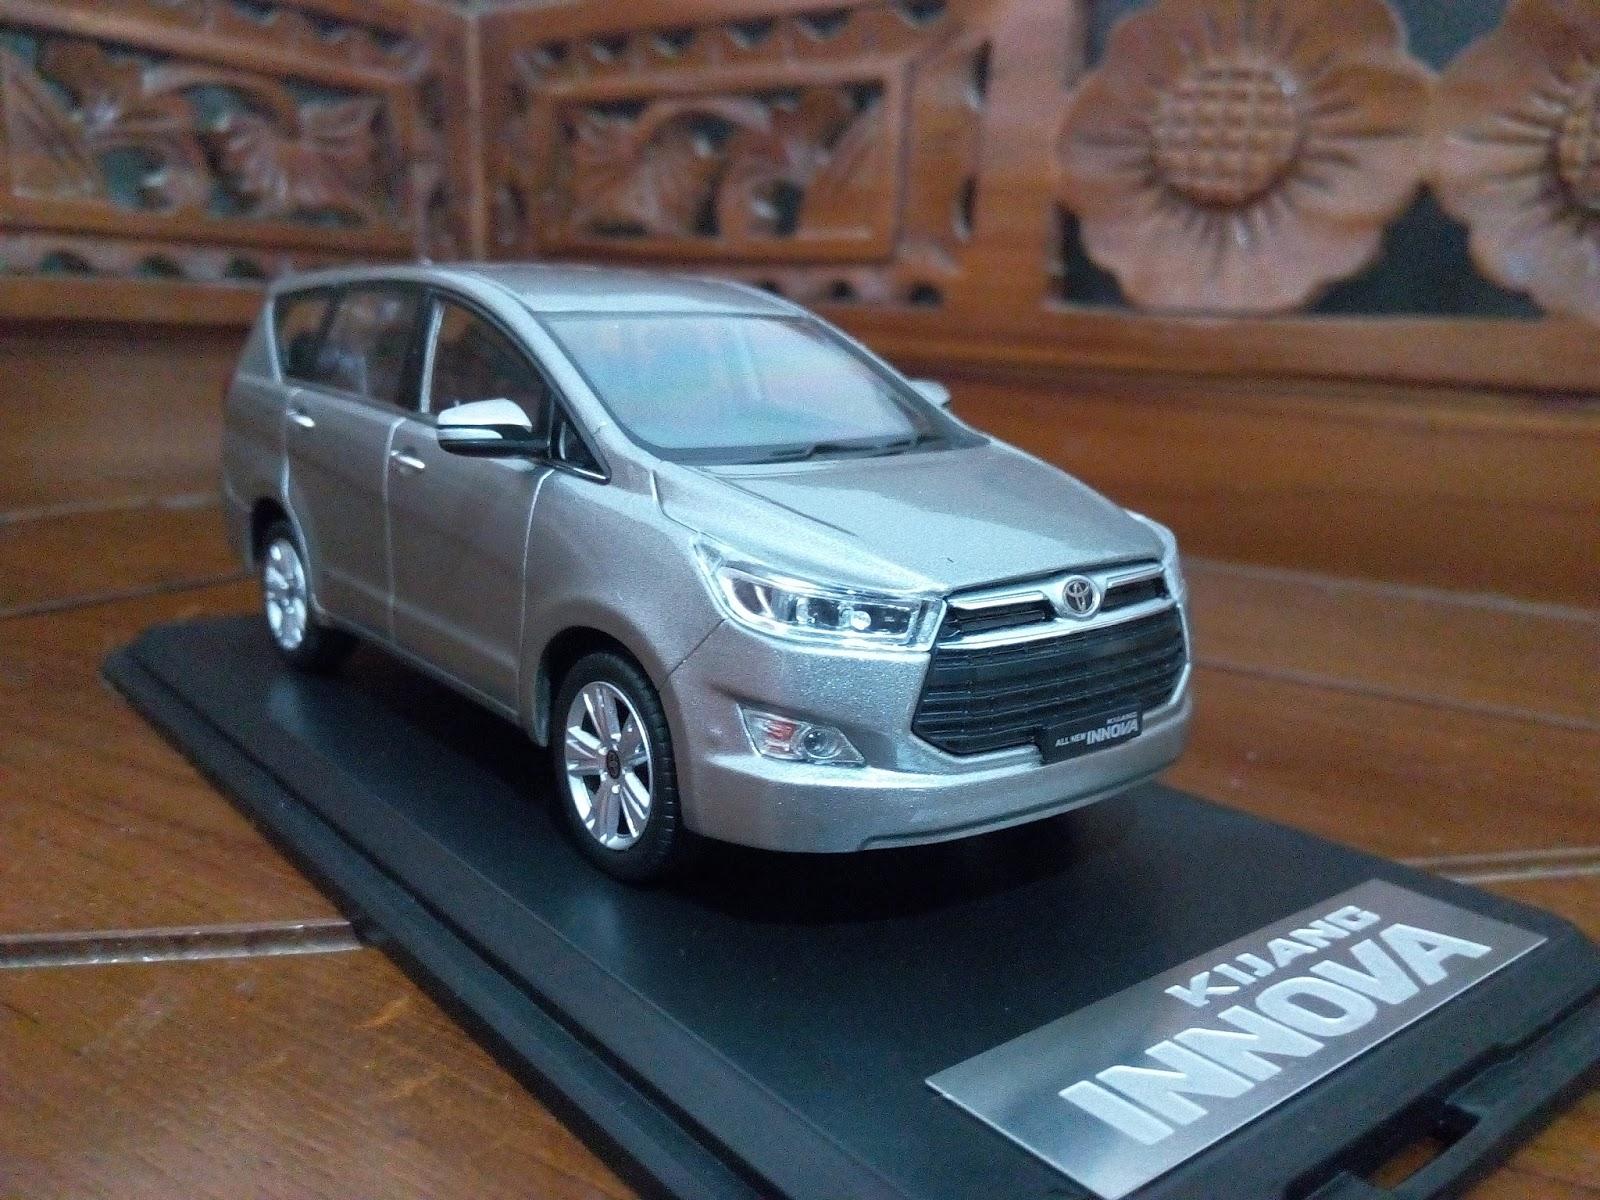 Diecast Grand New Avanza All Toyota Veloz 2019 Kijang Innova 2016 Miniatur Mobil